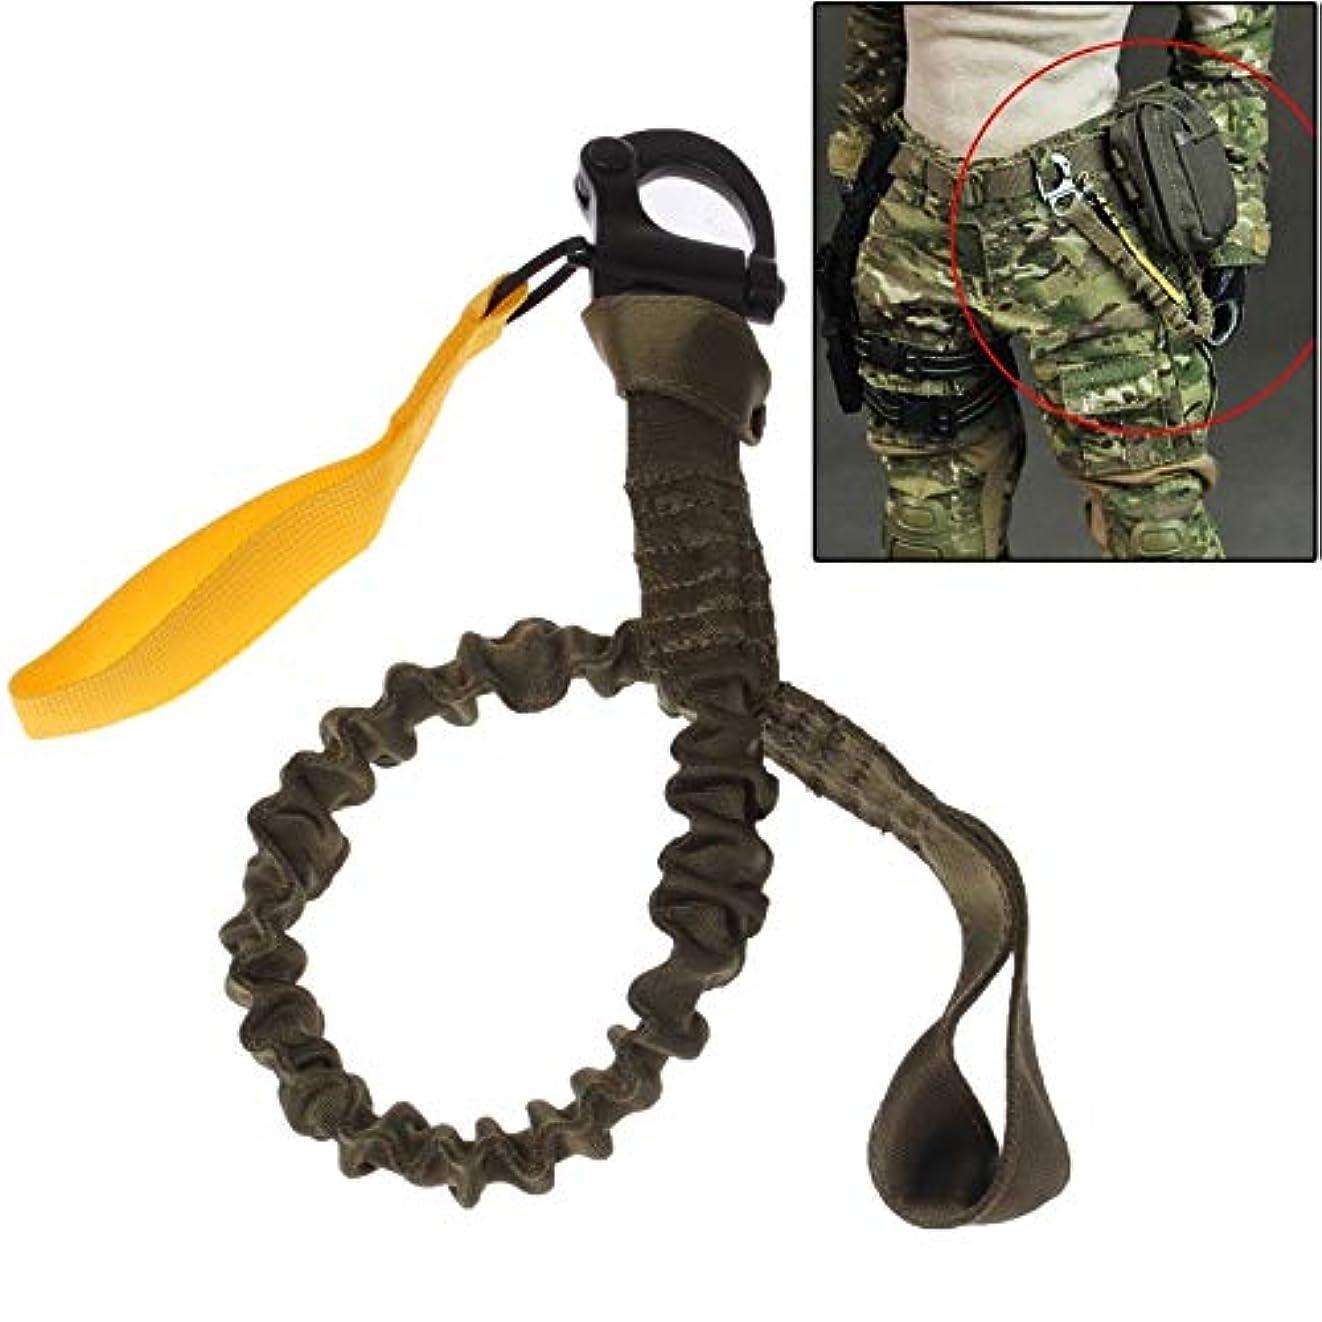 すぐに土制限分離安全ストラップストラップロープ クイックリリースバックル安全ロープ (色 : アーミーグリーン)